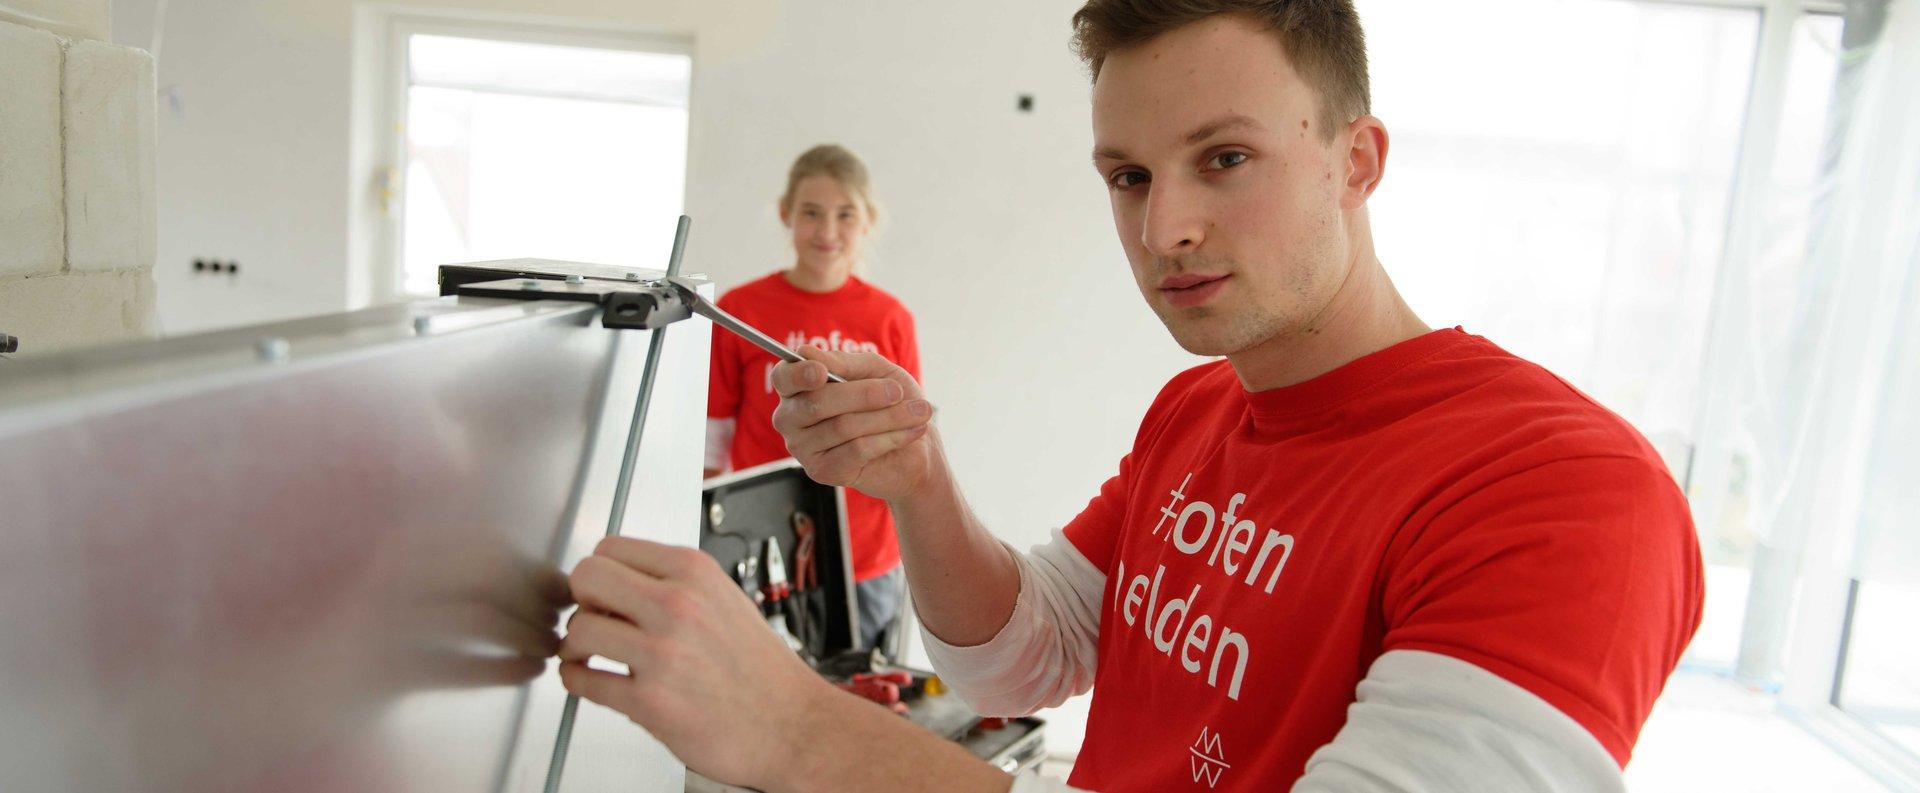 Die Ausbildungskampagne #ofenhelden unterstützt Ofenbauer bei der Suche nach Nachwuchskräften.